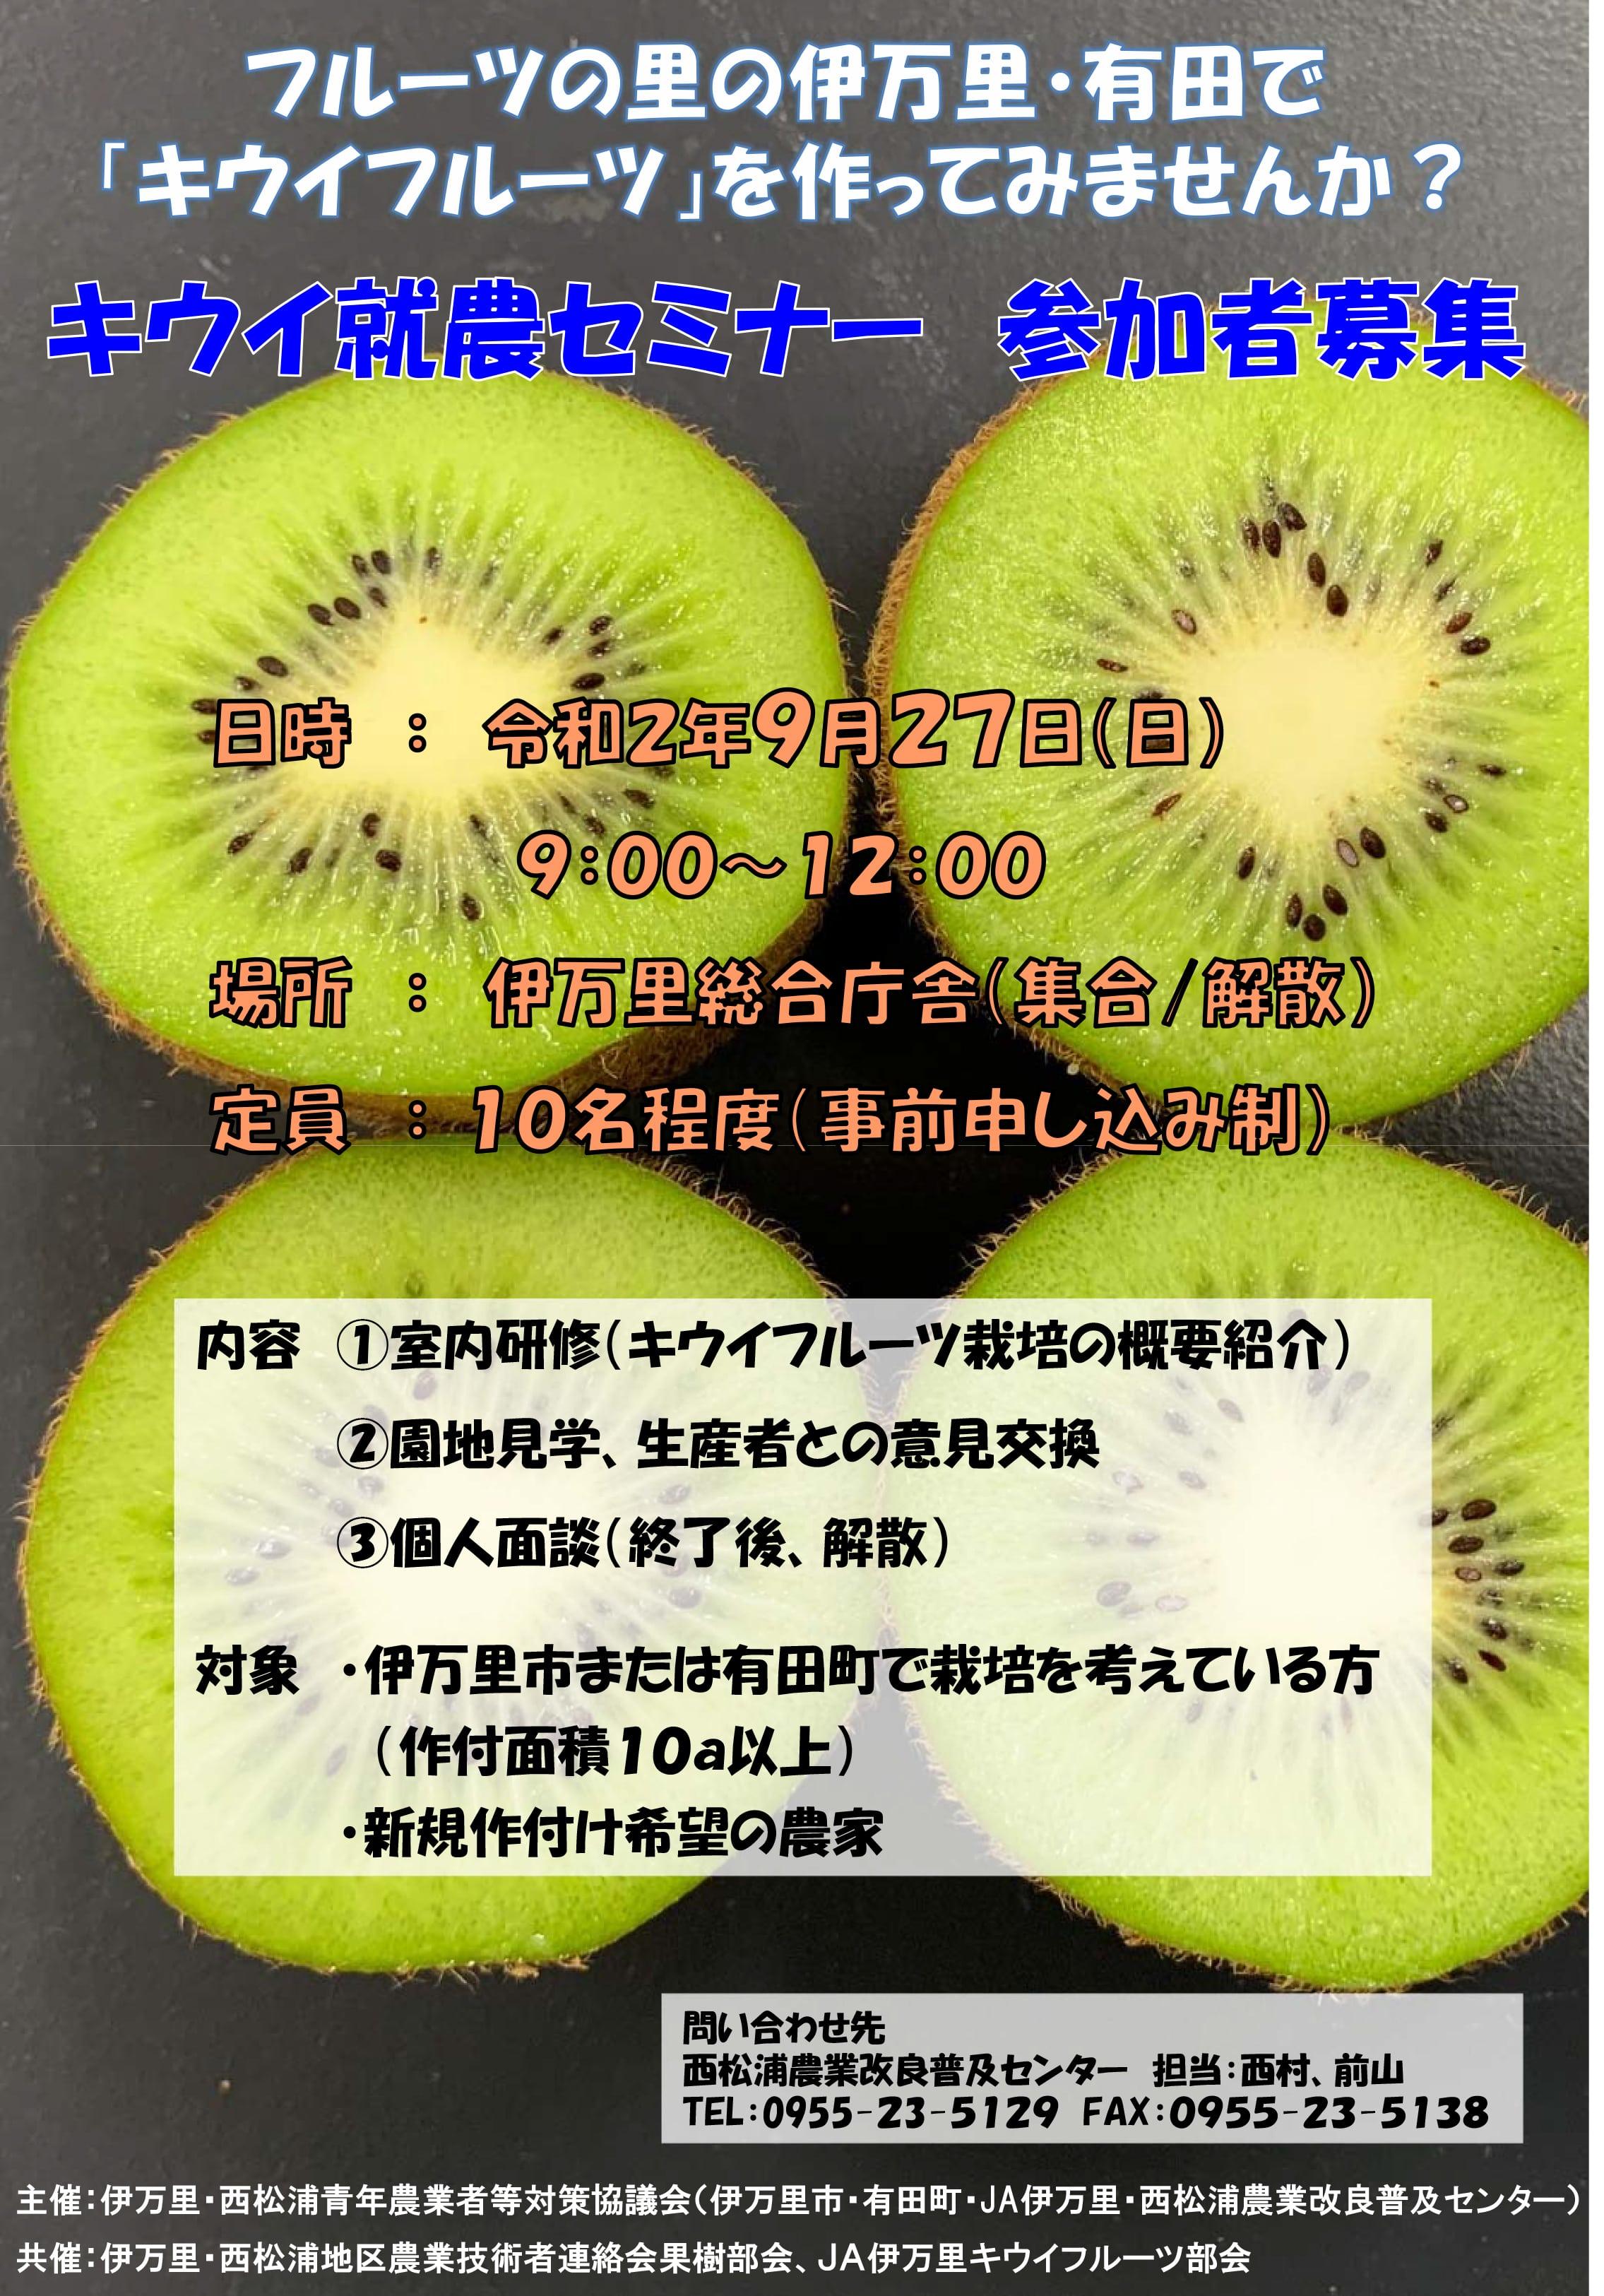 やさいづくり!~in富士町~やってみようセミナーのお知らせ